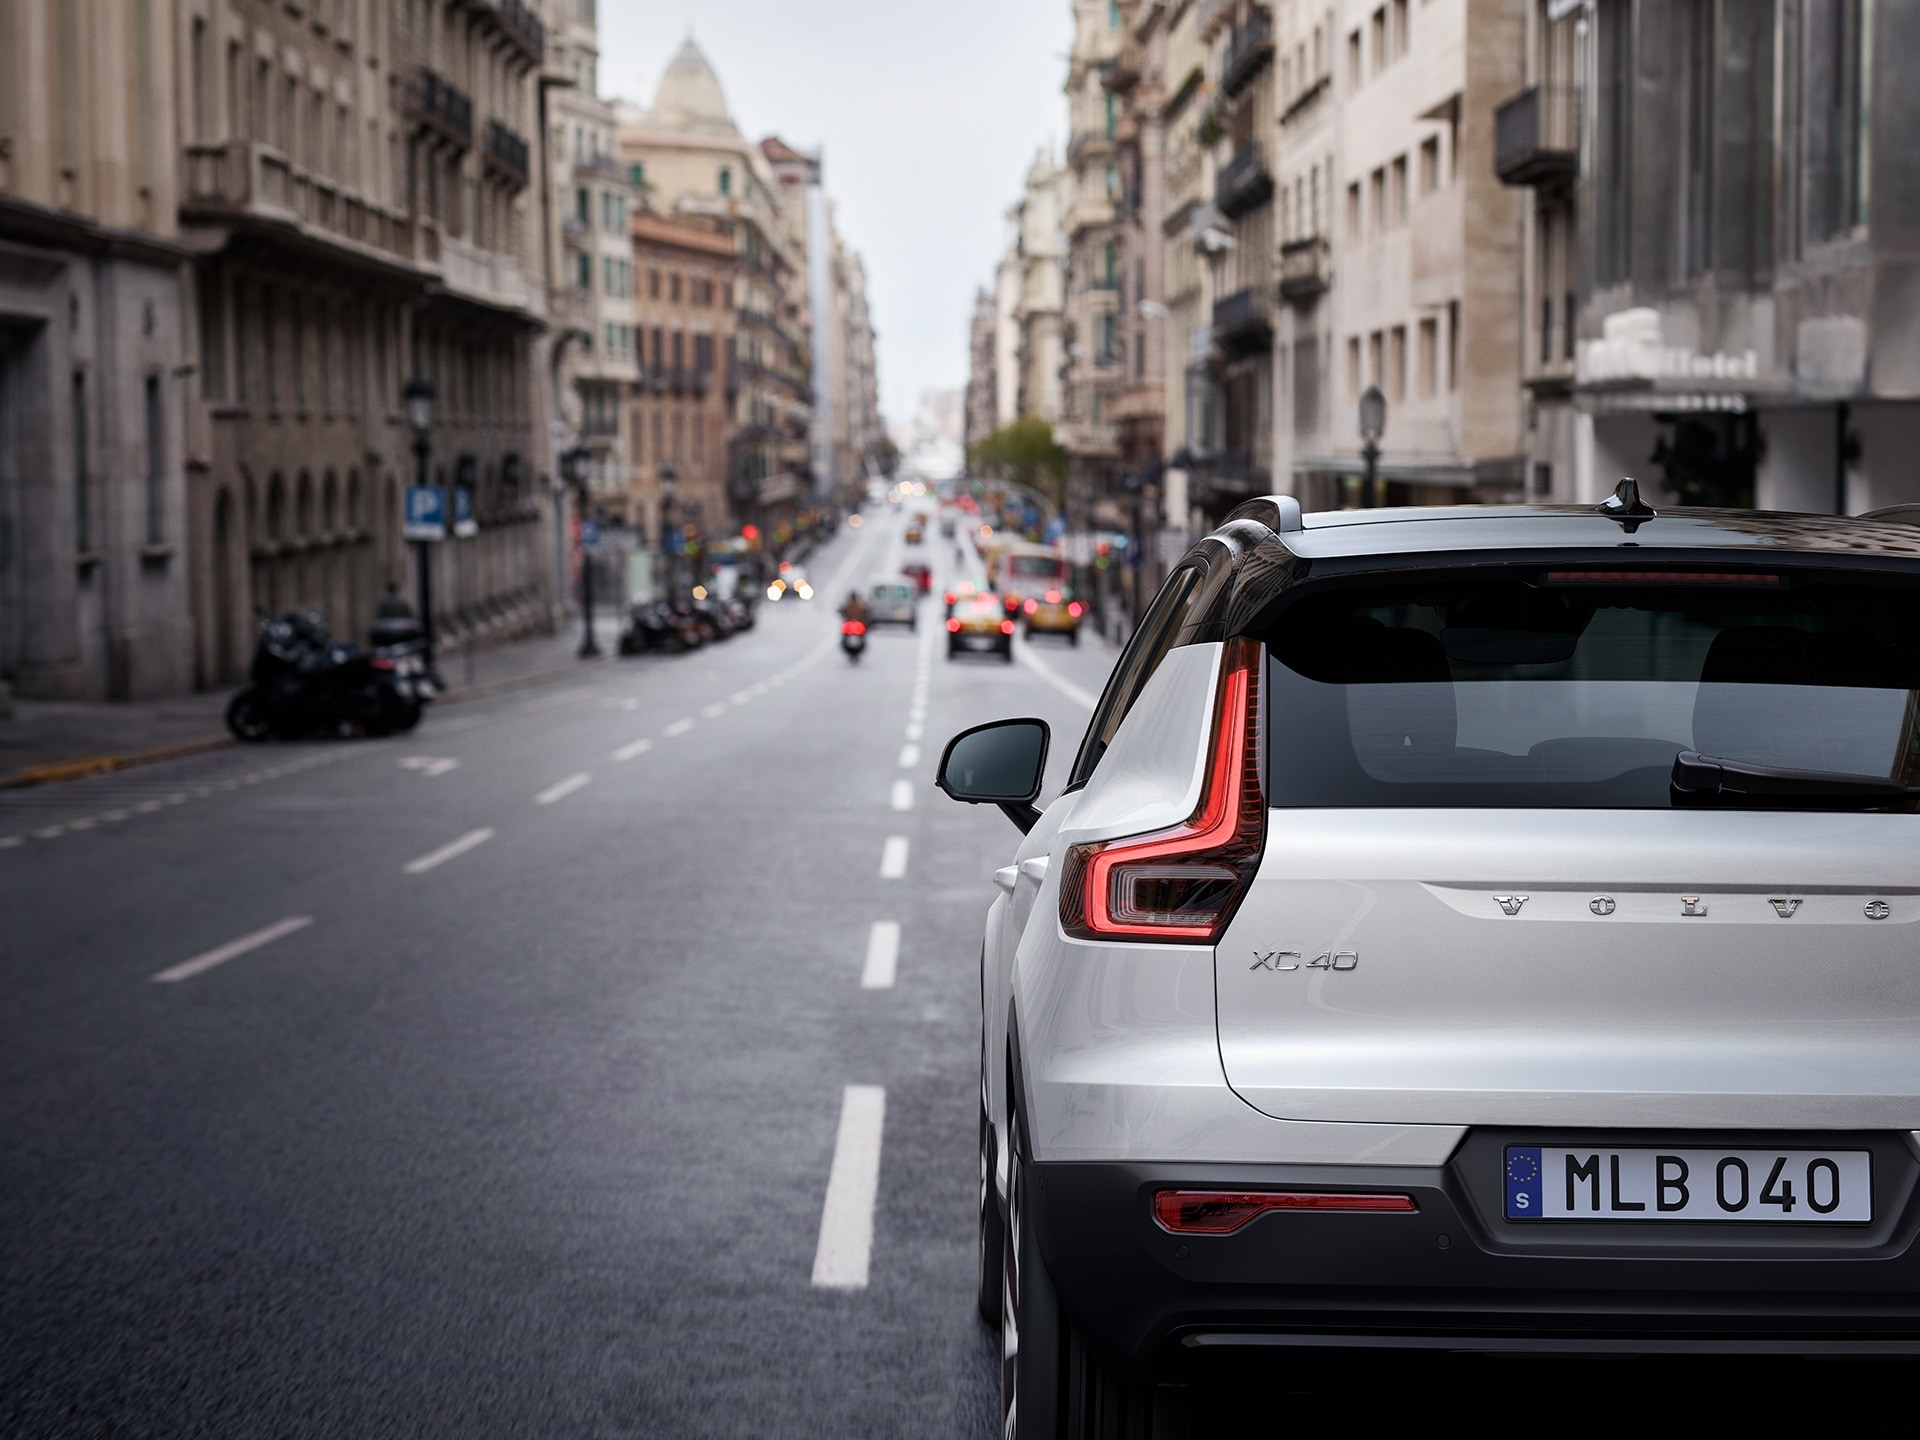 فولفو XC40 هجينة مع الطاقة المساعدة بيضاء تسير على طريق في المدينة.